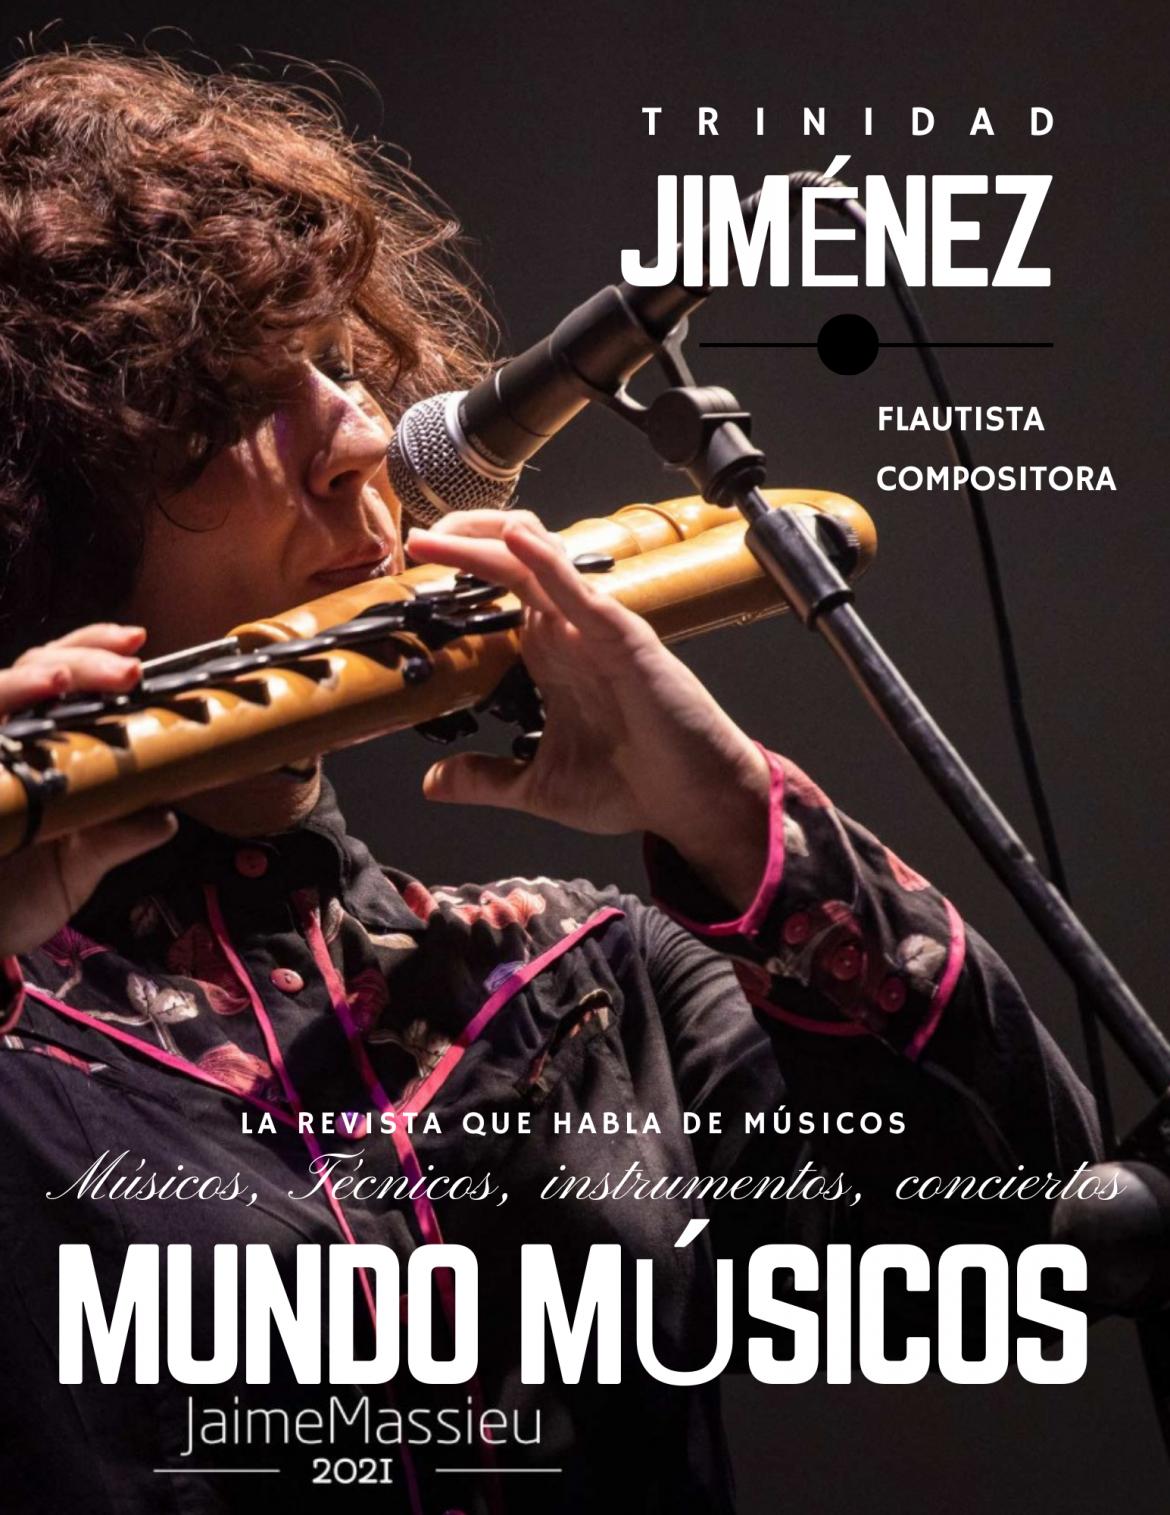 Trinidad Jiménez, flautista y compositora